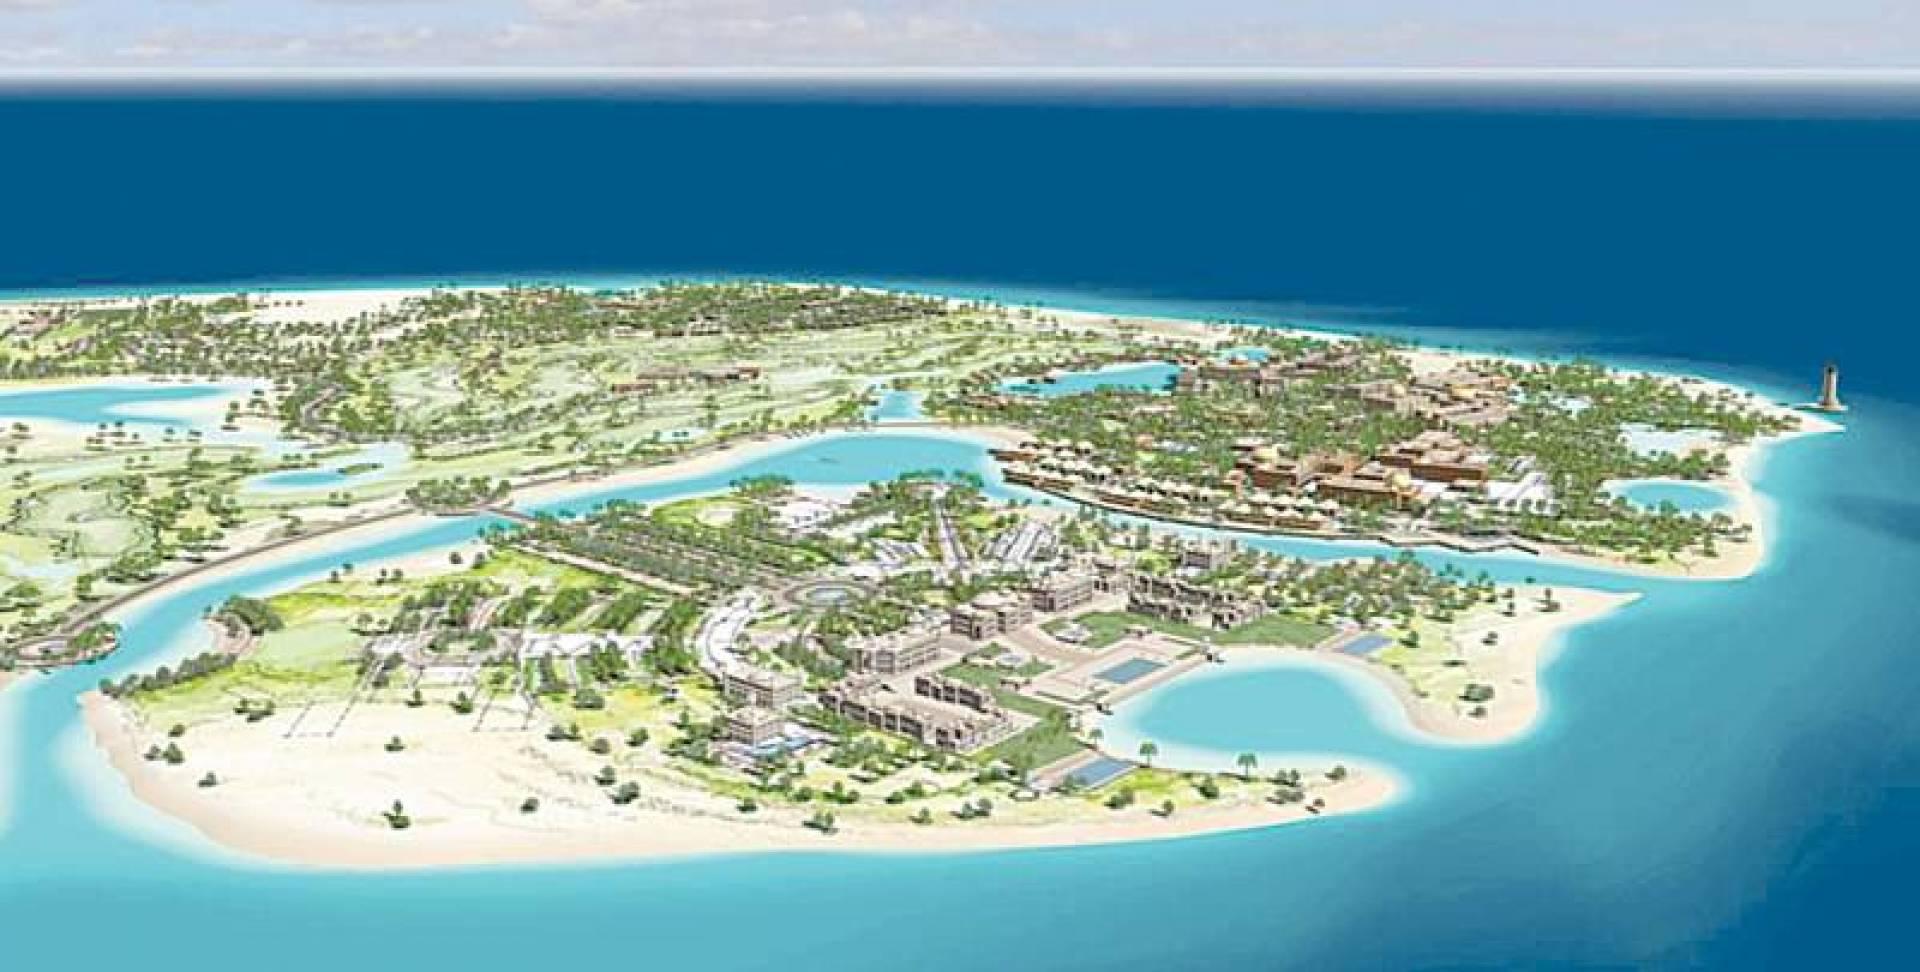 مشروع الجزر إضافة إلى ميناء مبارك محورا التنمية المستقبلية في الكويت